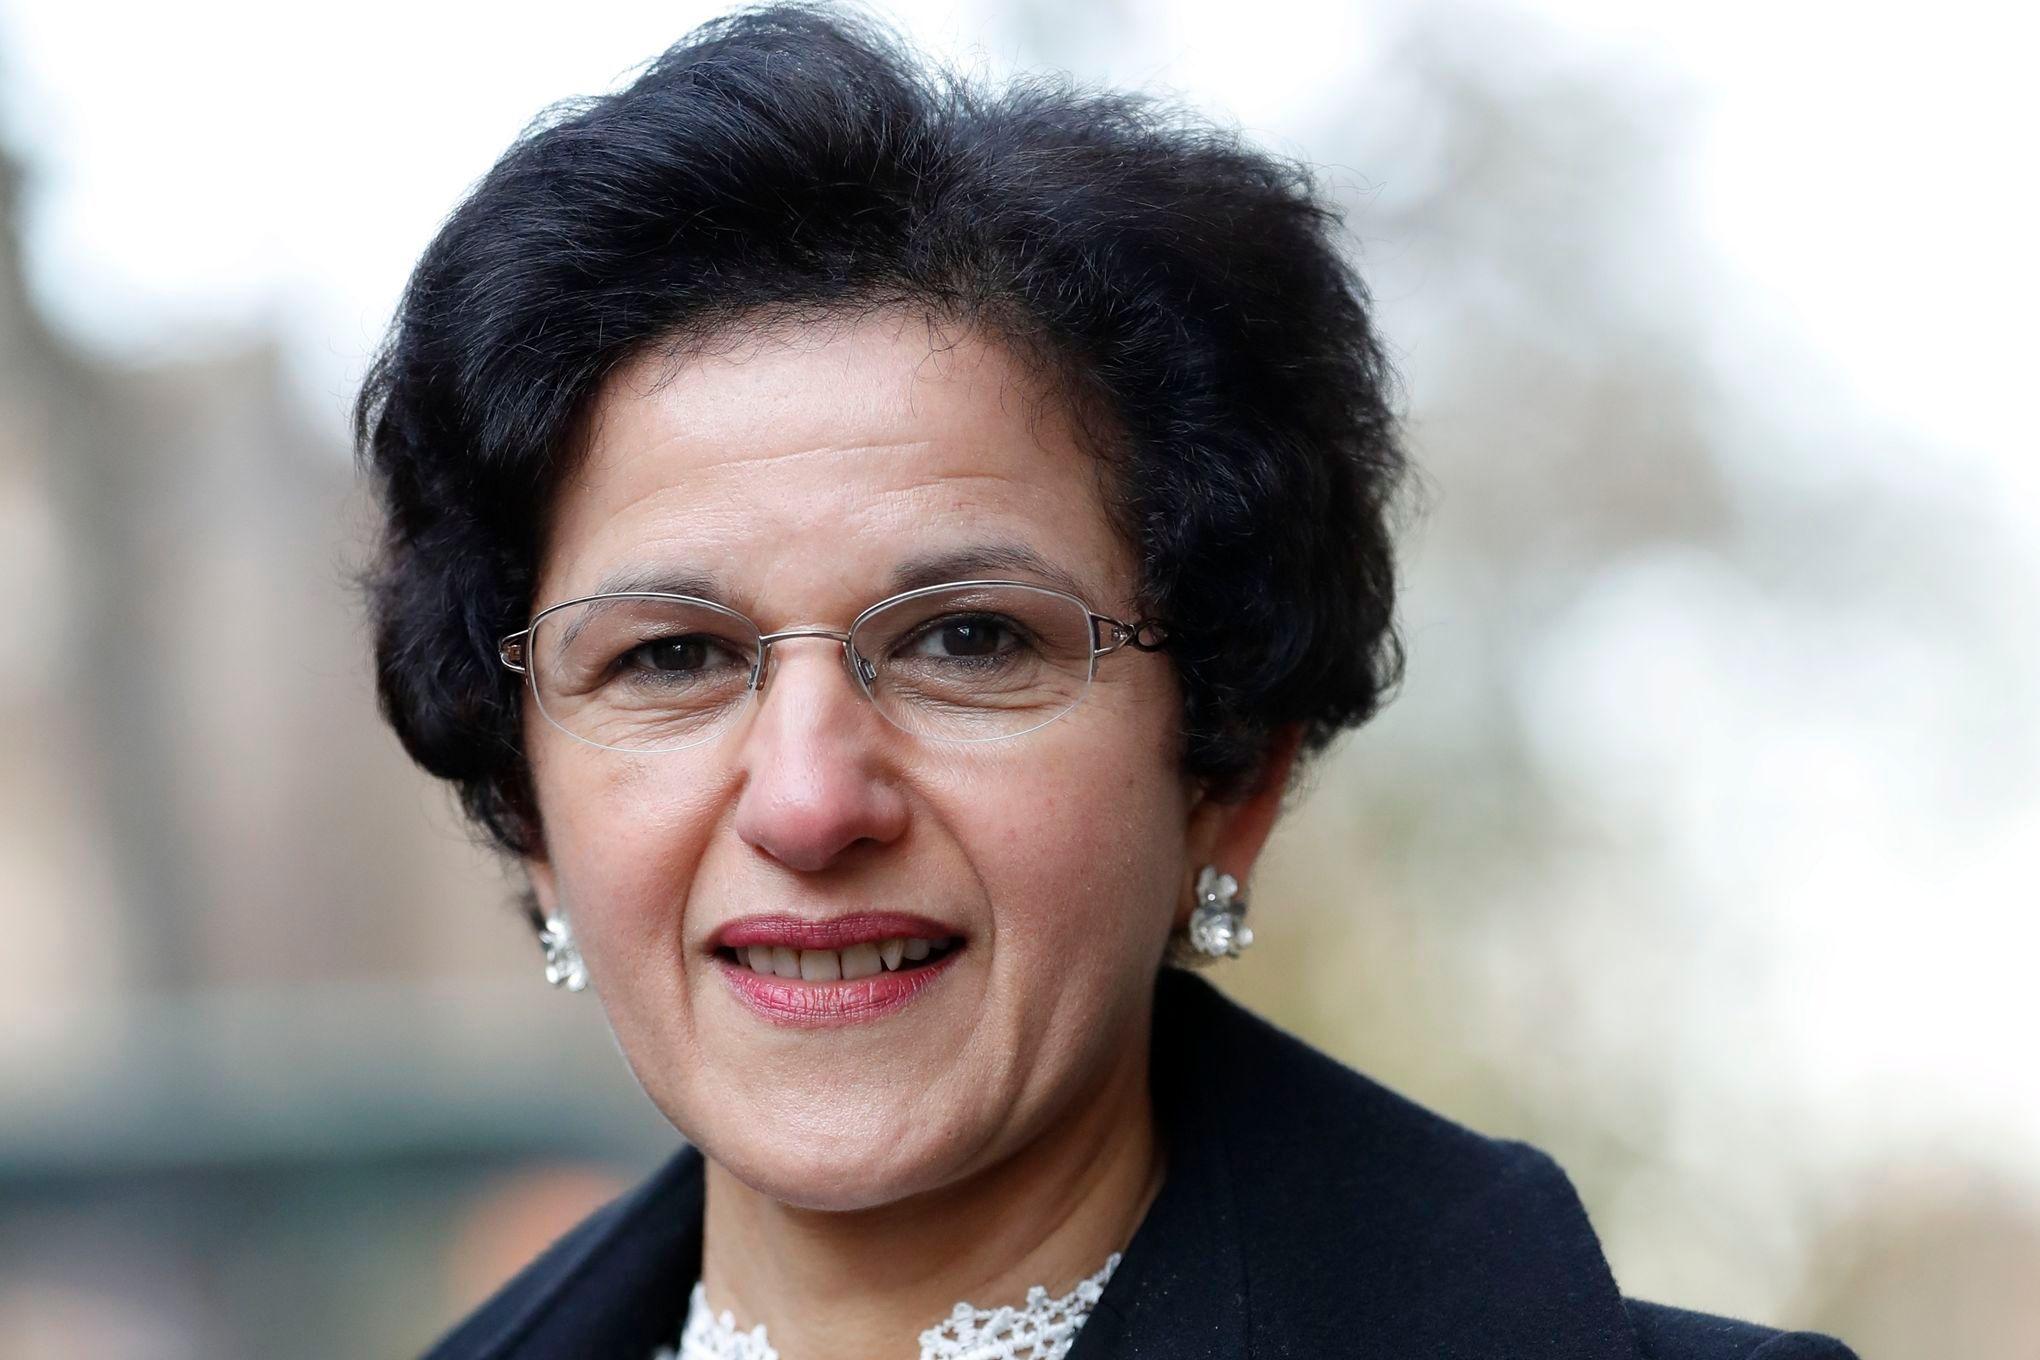 Malika Sorel : « Face à l'islamisme, je ne comprends pas pourquoi on continue à déplorer les conséquences dont on chérit les causes »